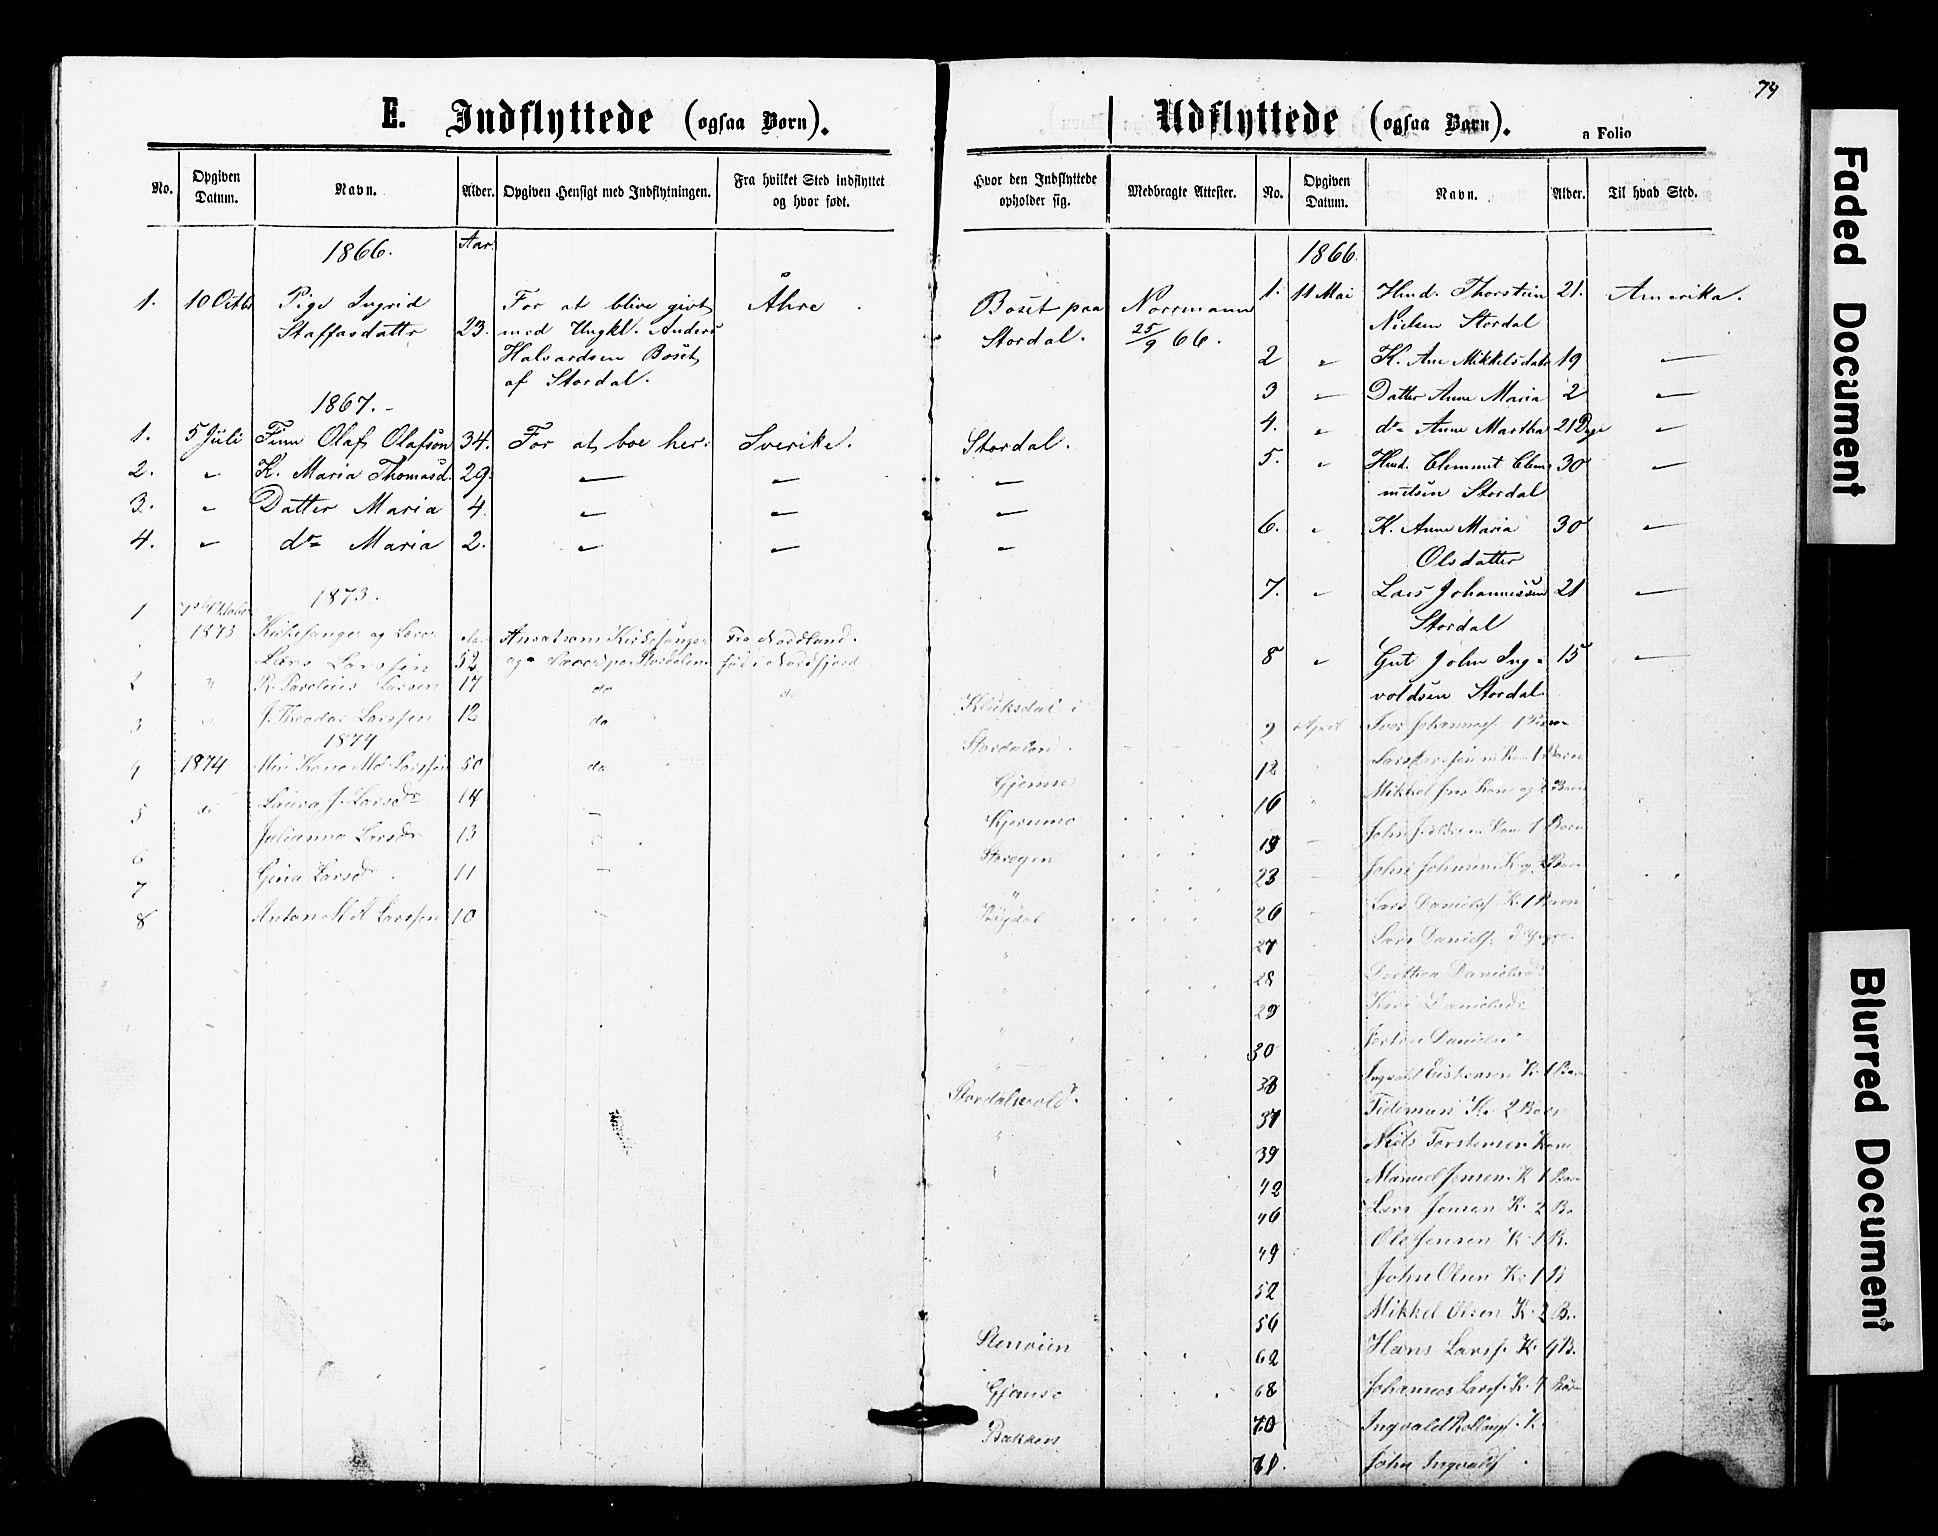 SAT, Ministerialprotokoller, klokkerbøker og fødselsregistre - Nord-Trøndelag, 707/L0052: Klokkerbok nr. 707C01, 1864-1897, s. 74